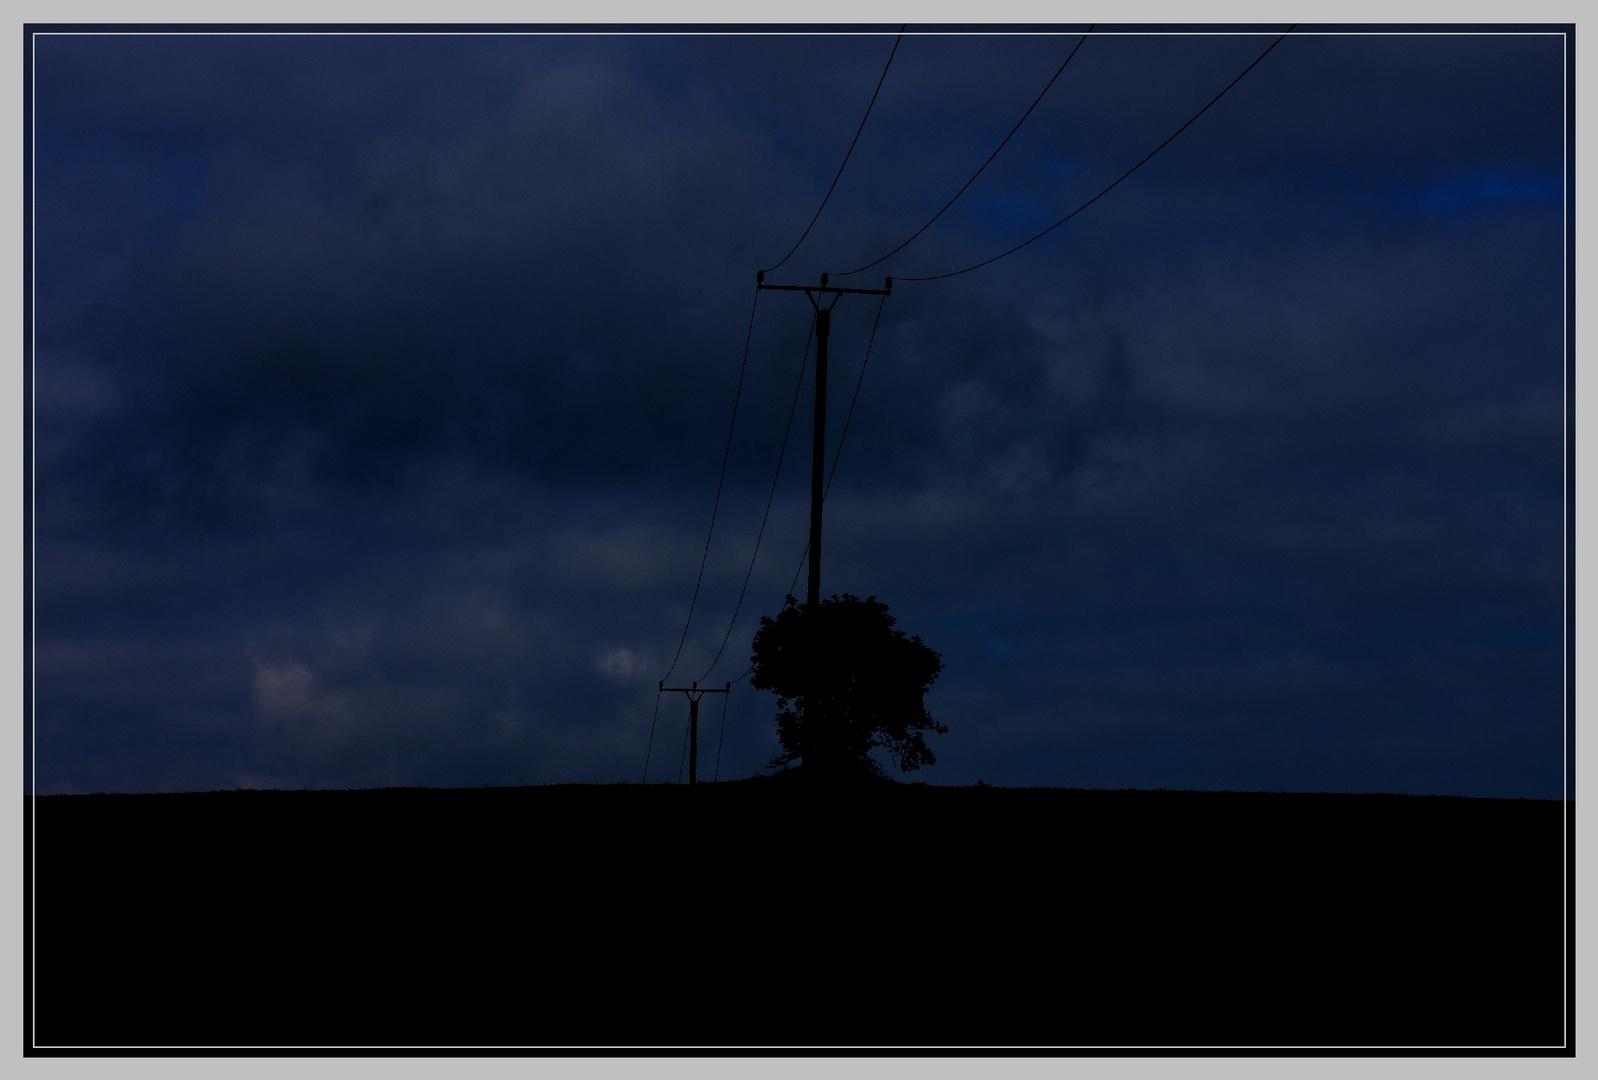 Dunkel und blau